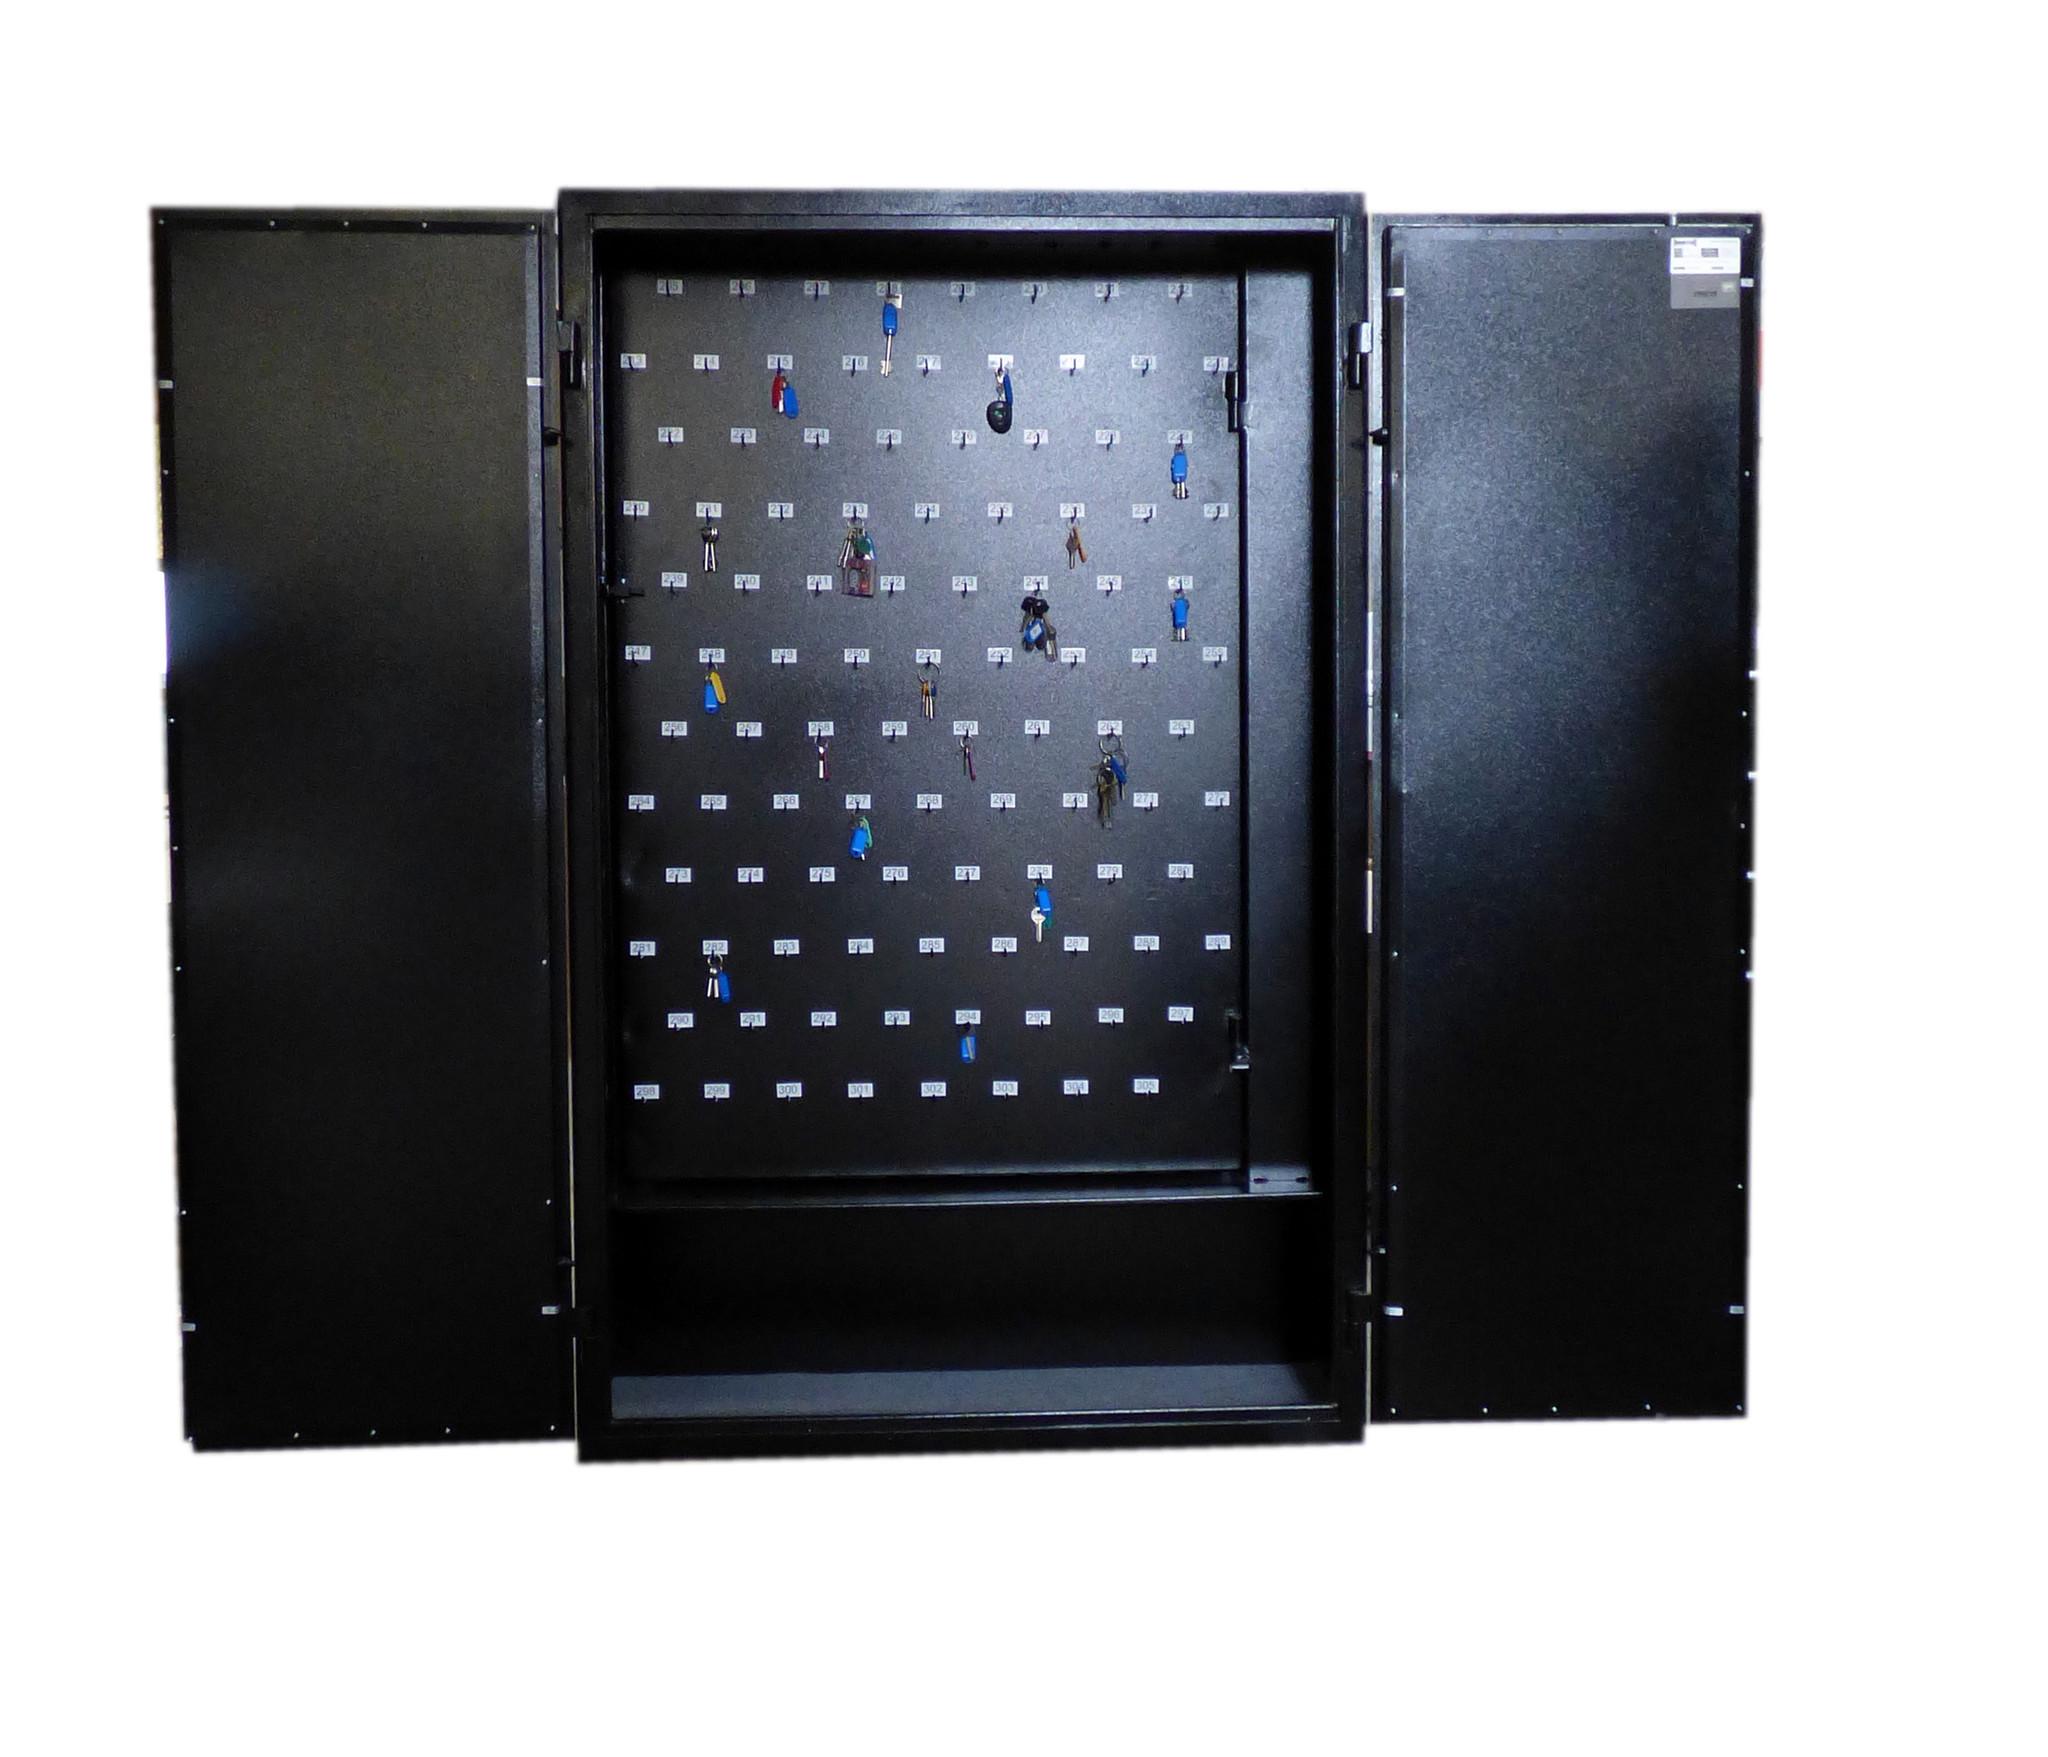 Sleutelkluis 1779 SSK/S-1 voor 300 - 600 sleutels, rdw kluis, bovag kluis